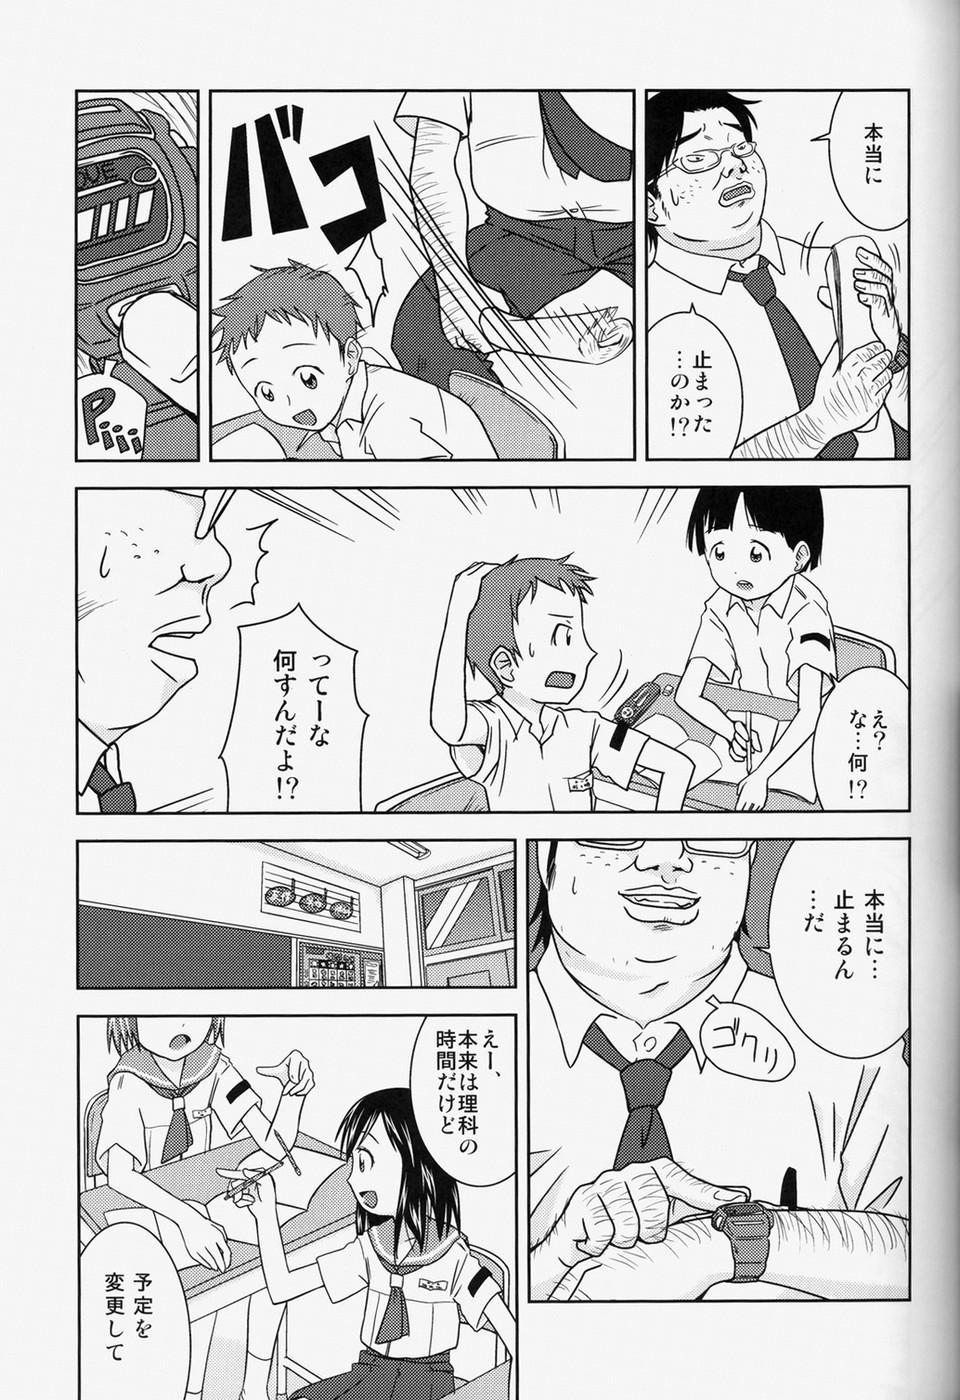 Moshimo Jikan ga Tomattara!? 2 Byou 5